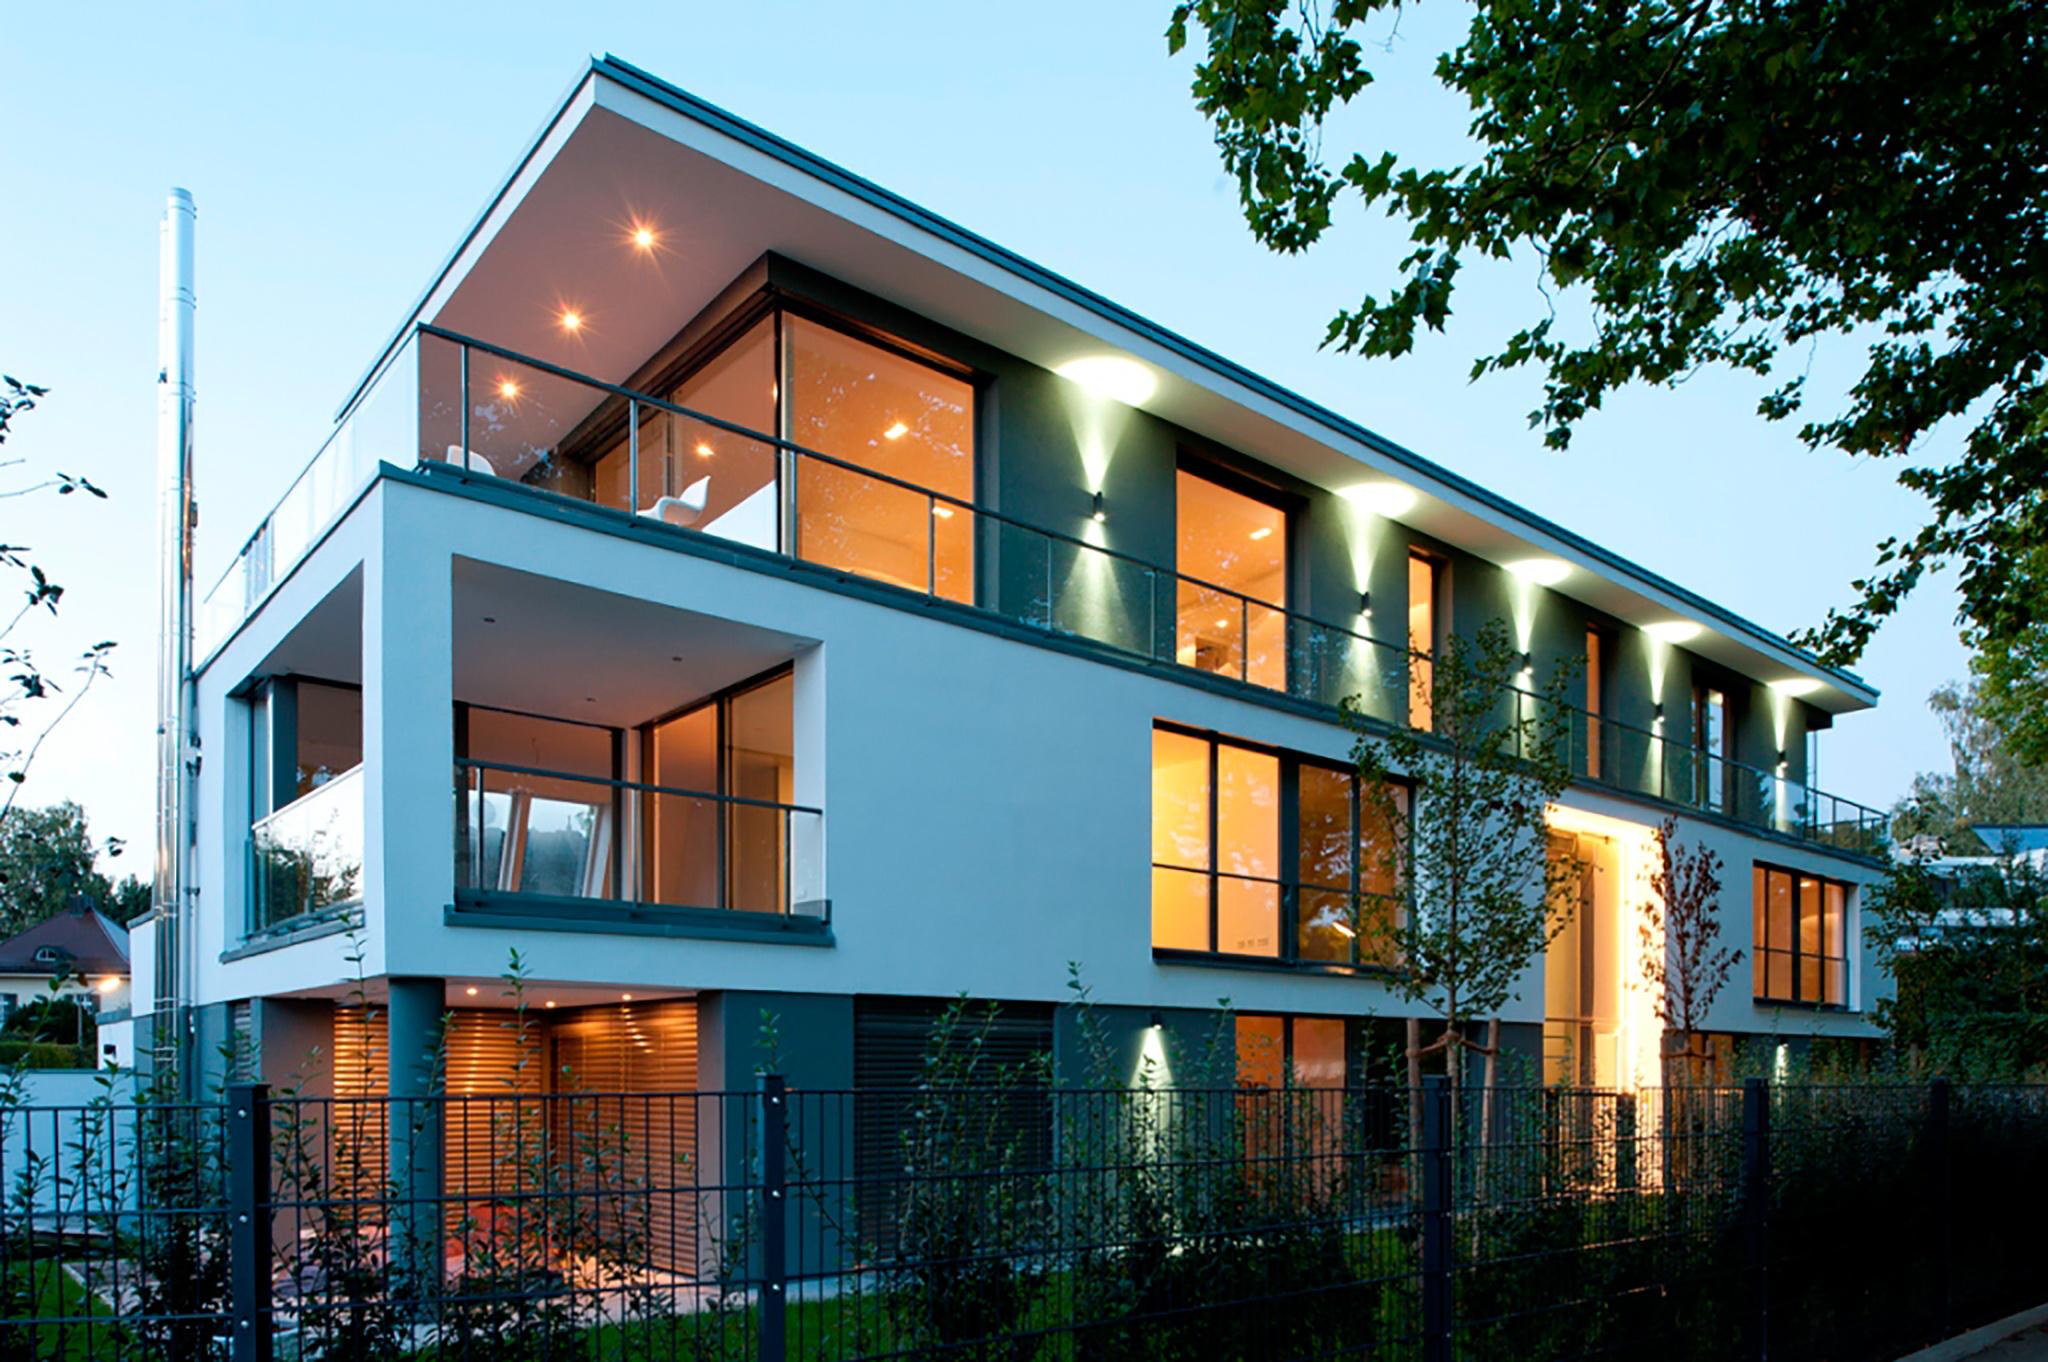 Mehrfamilien villa edition m10 muenchenarchitektur for Modernes haus licht